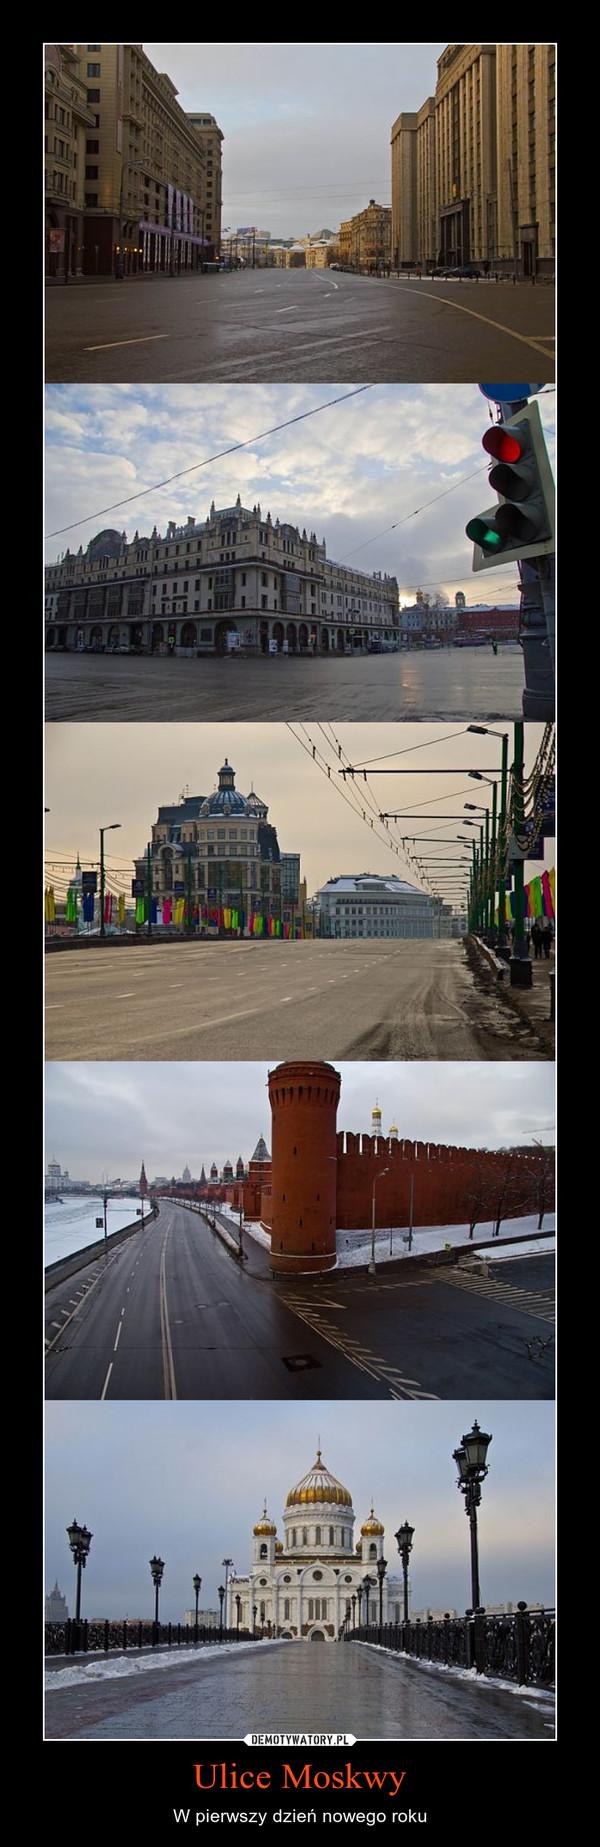 Ulice Moskwy – W pierwszy dzień nowego roku